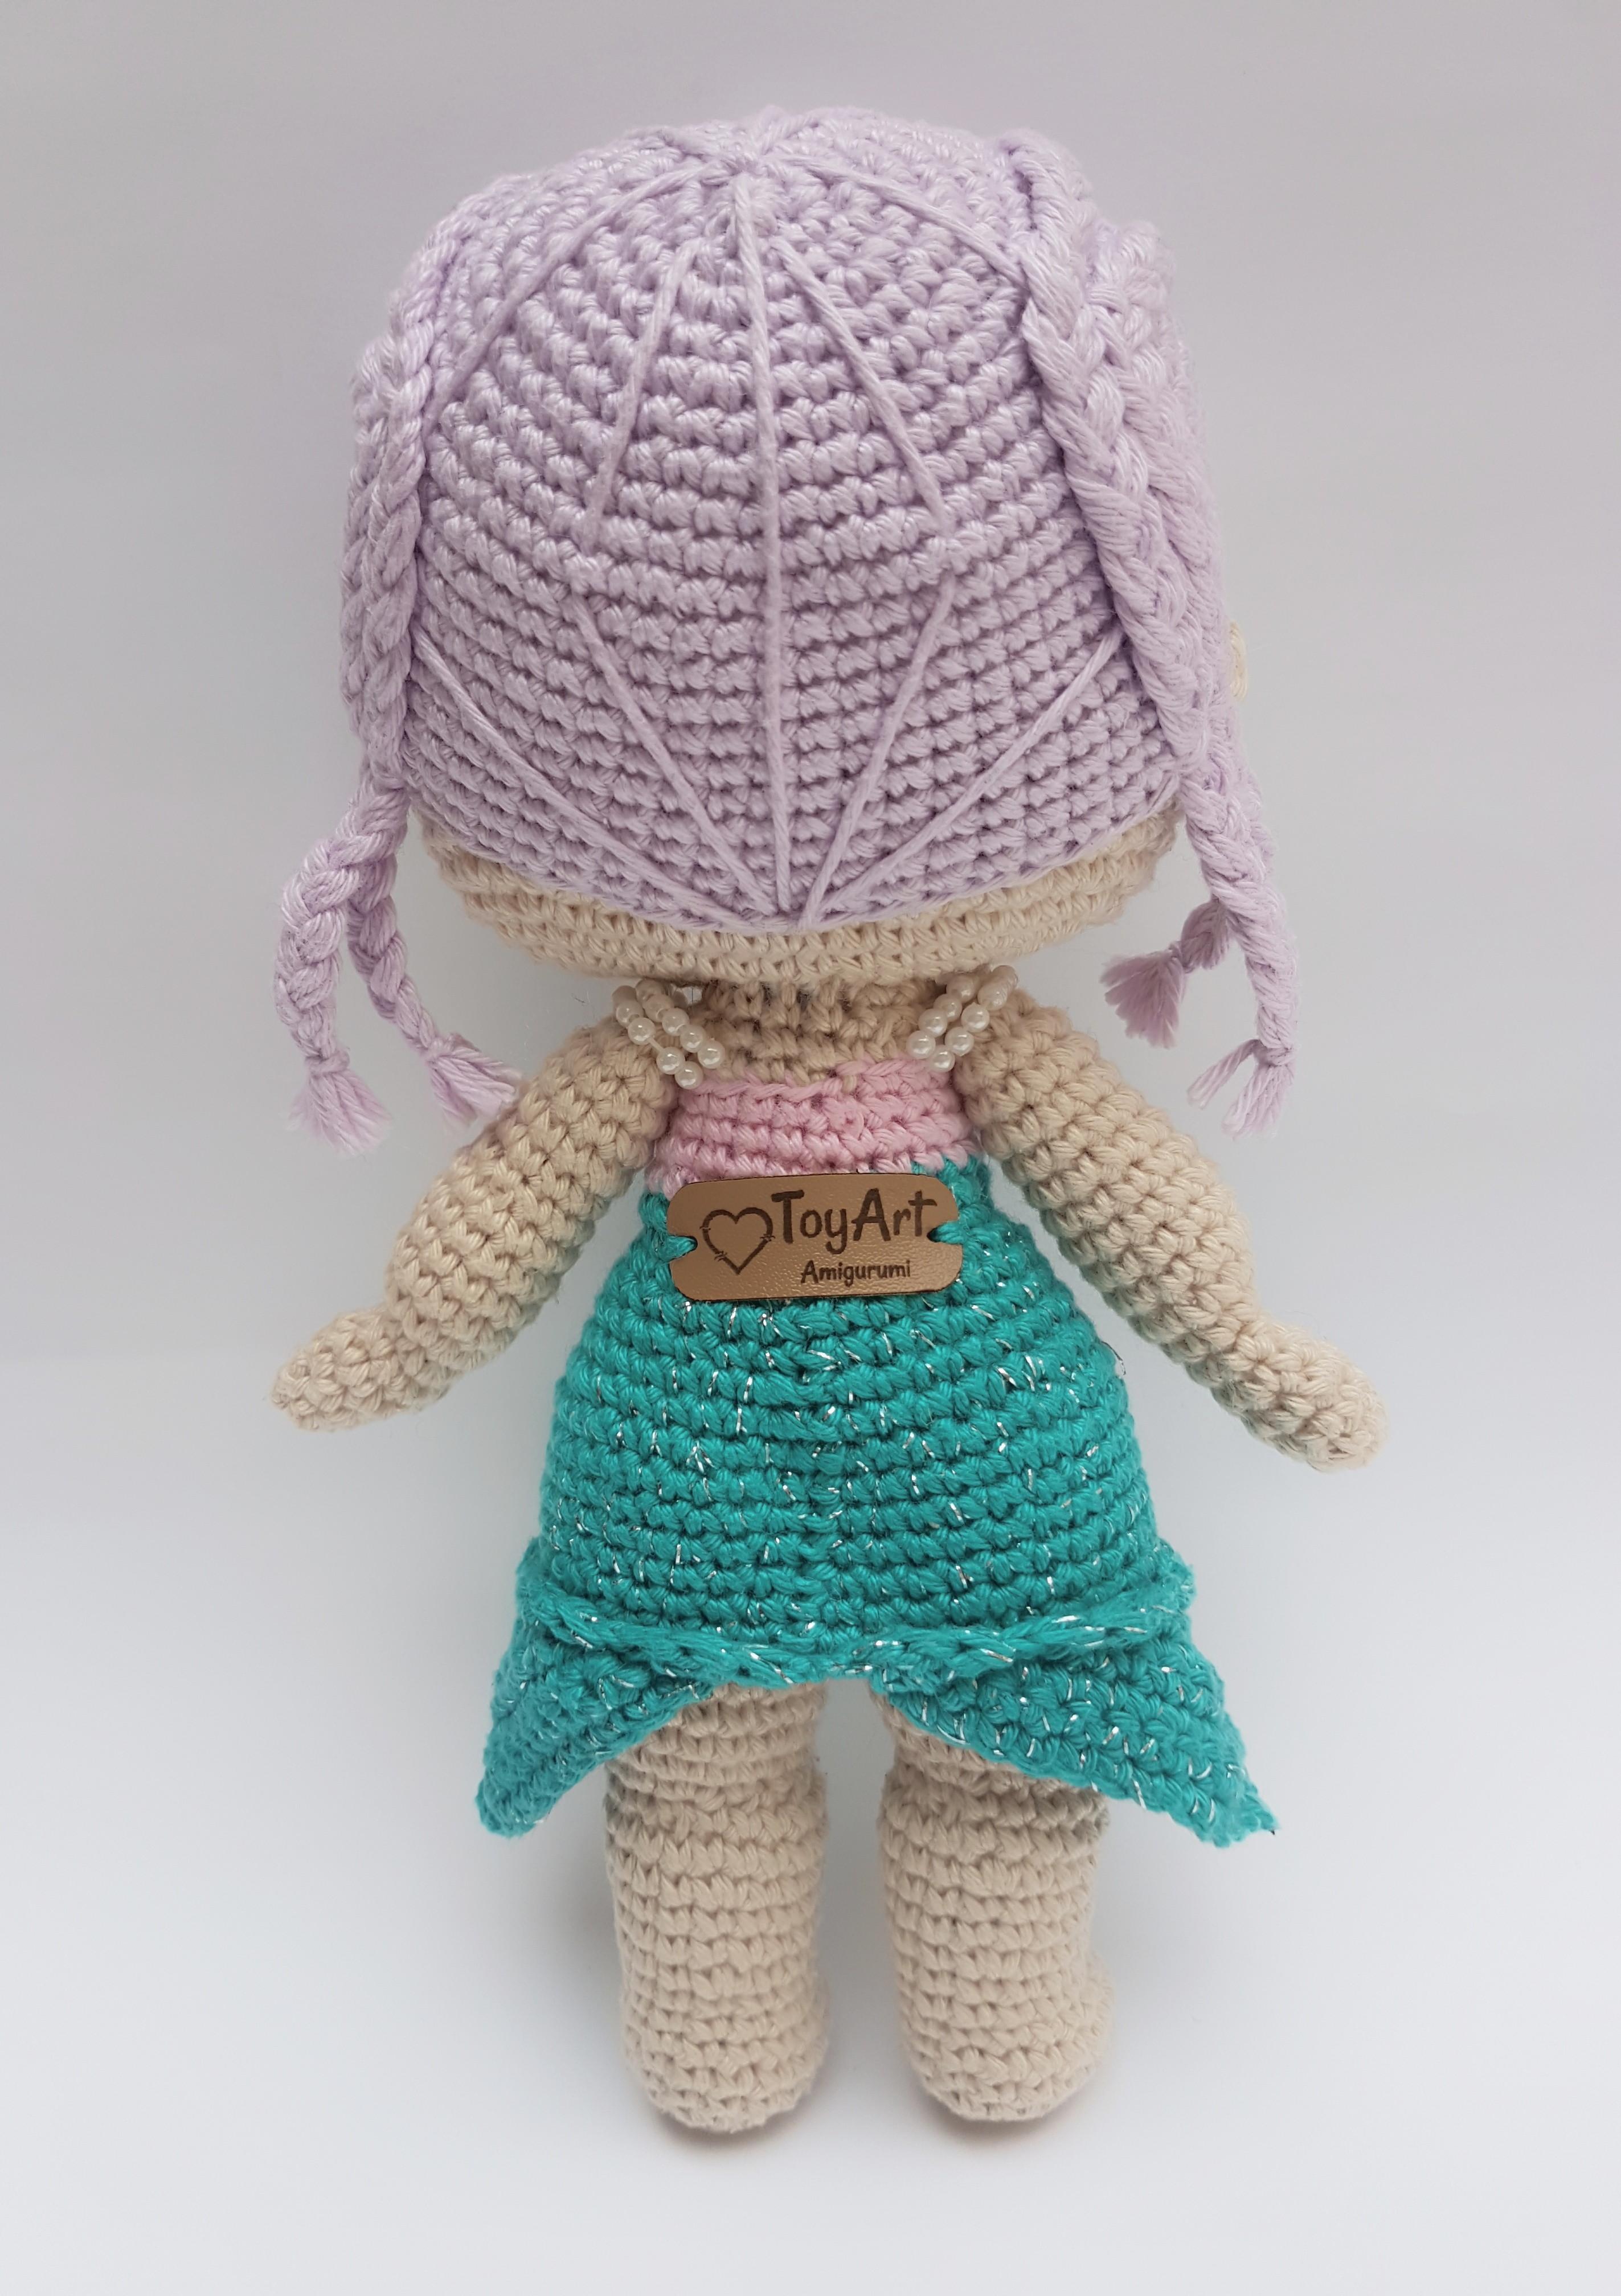 Amigurumi Sereia – Inspirações | Sereia de crochê, Bichos de ... | 4032x2846